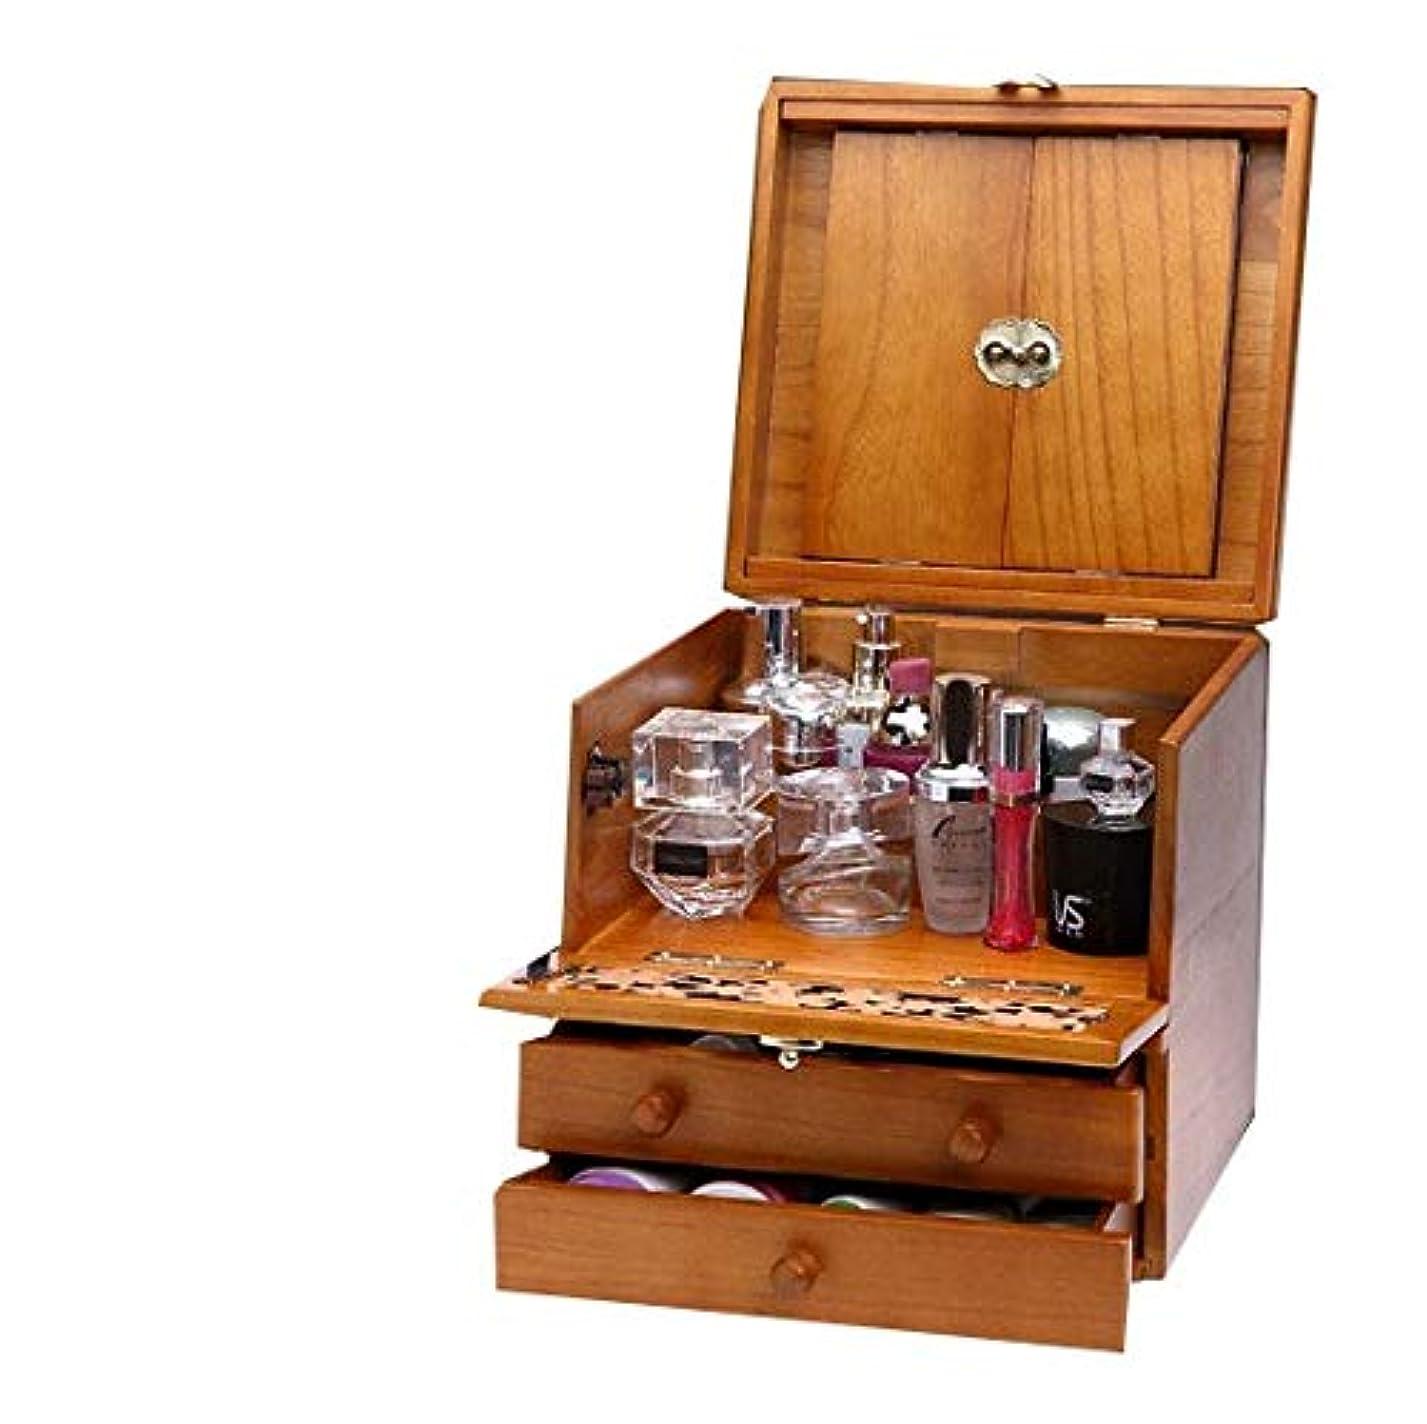 挽く広告する滝化粧箱、3層レトロ木製彫刻化粧ケース付きミラー、ハイエンドのウェディングギフト、新築祝いのギフト、美容ネイルジュエリー収納ボックス